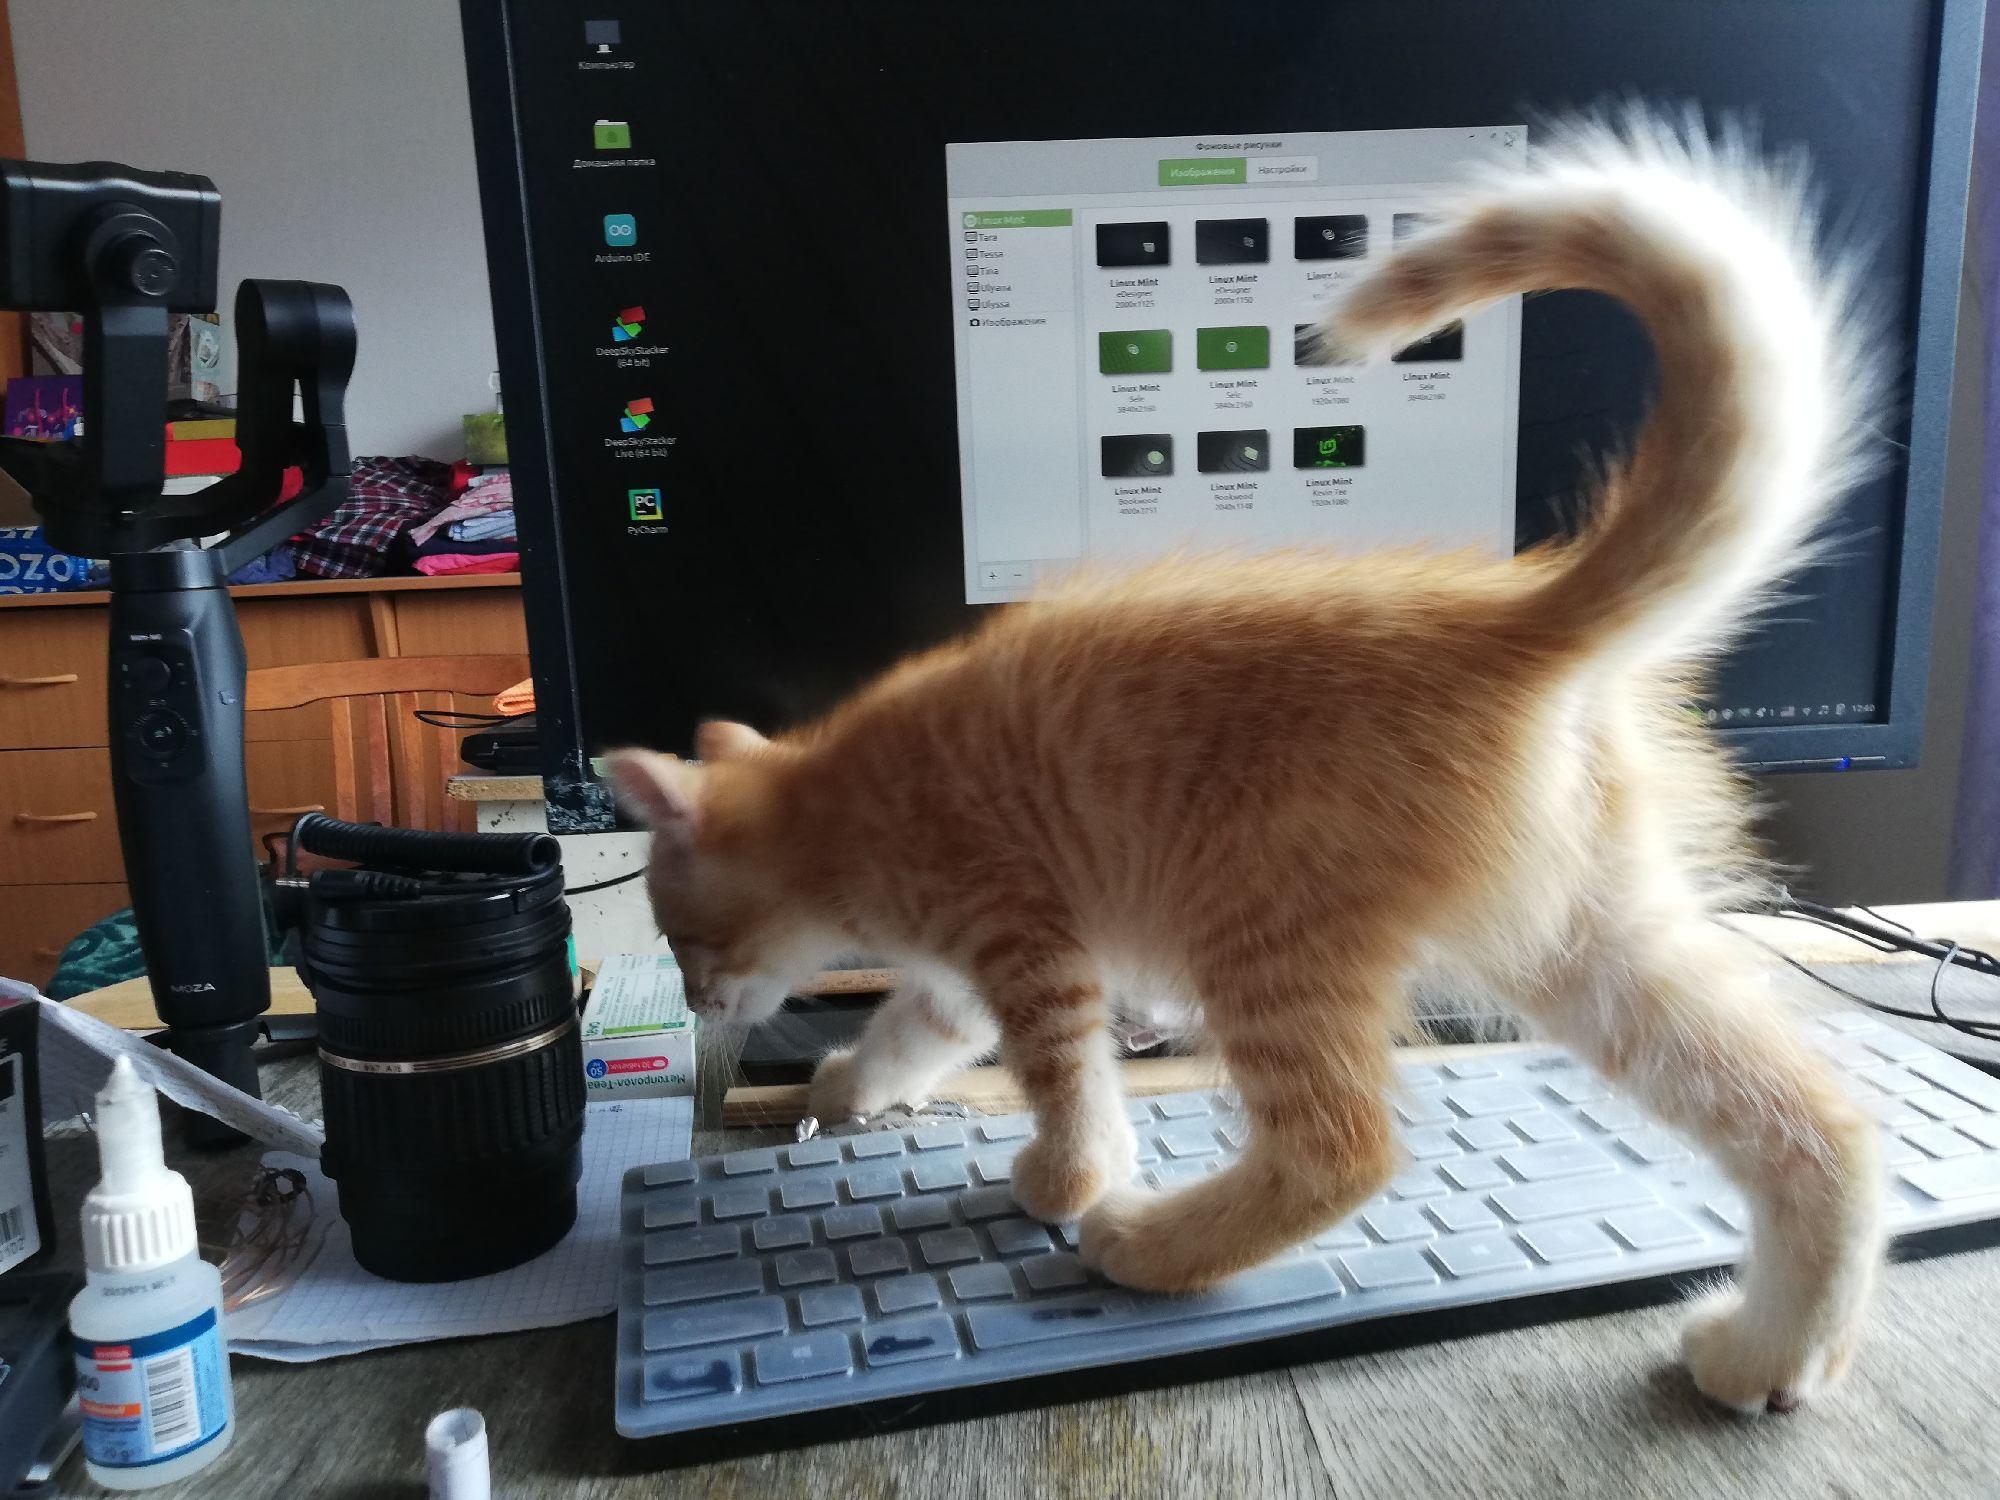 Первым делом котёнок прошёлся по ноуту, попытался сменить обои и выключил вайфай